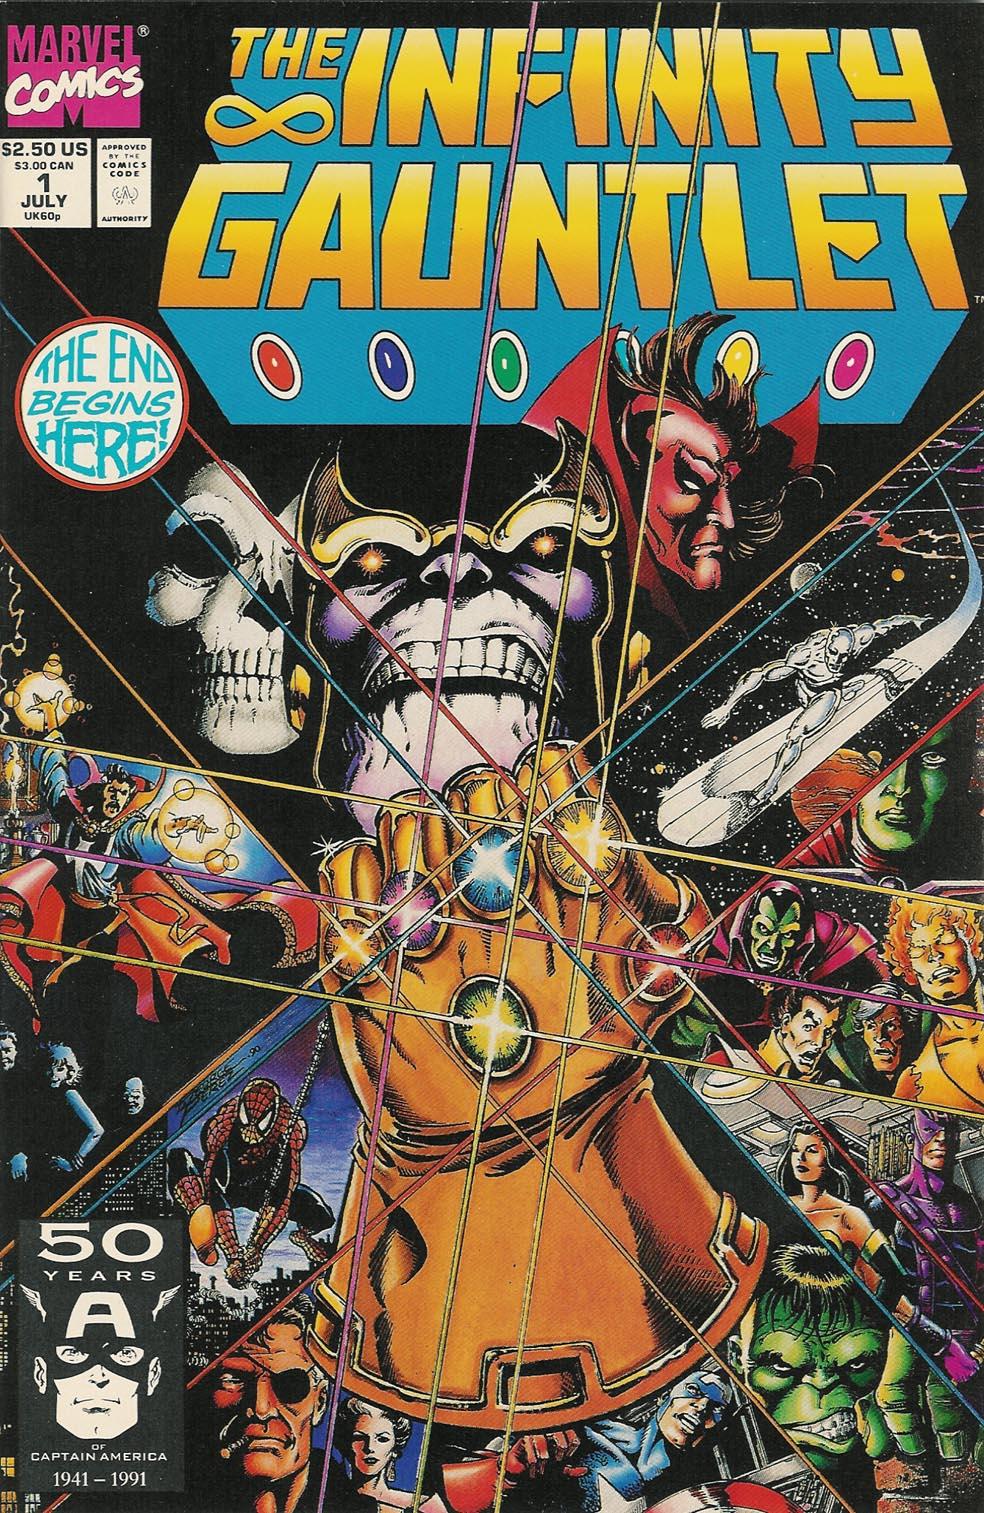 Infinity Gauntlet (1991) #1.